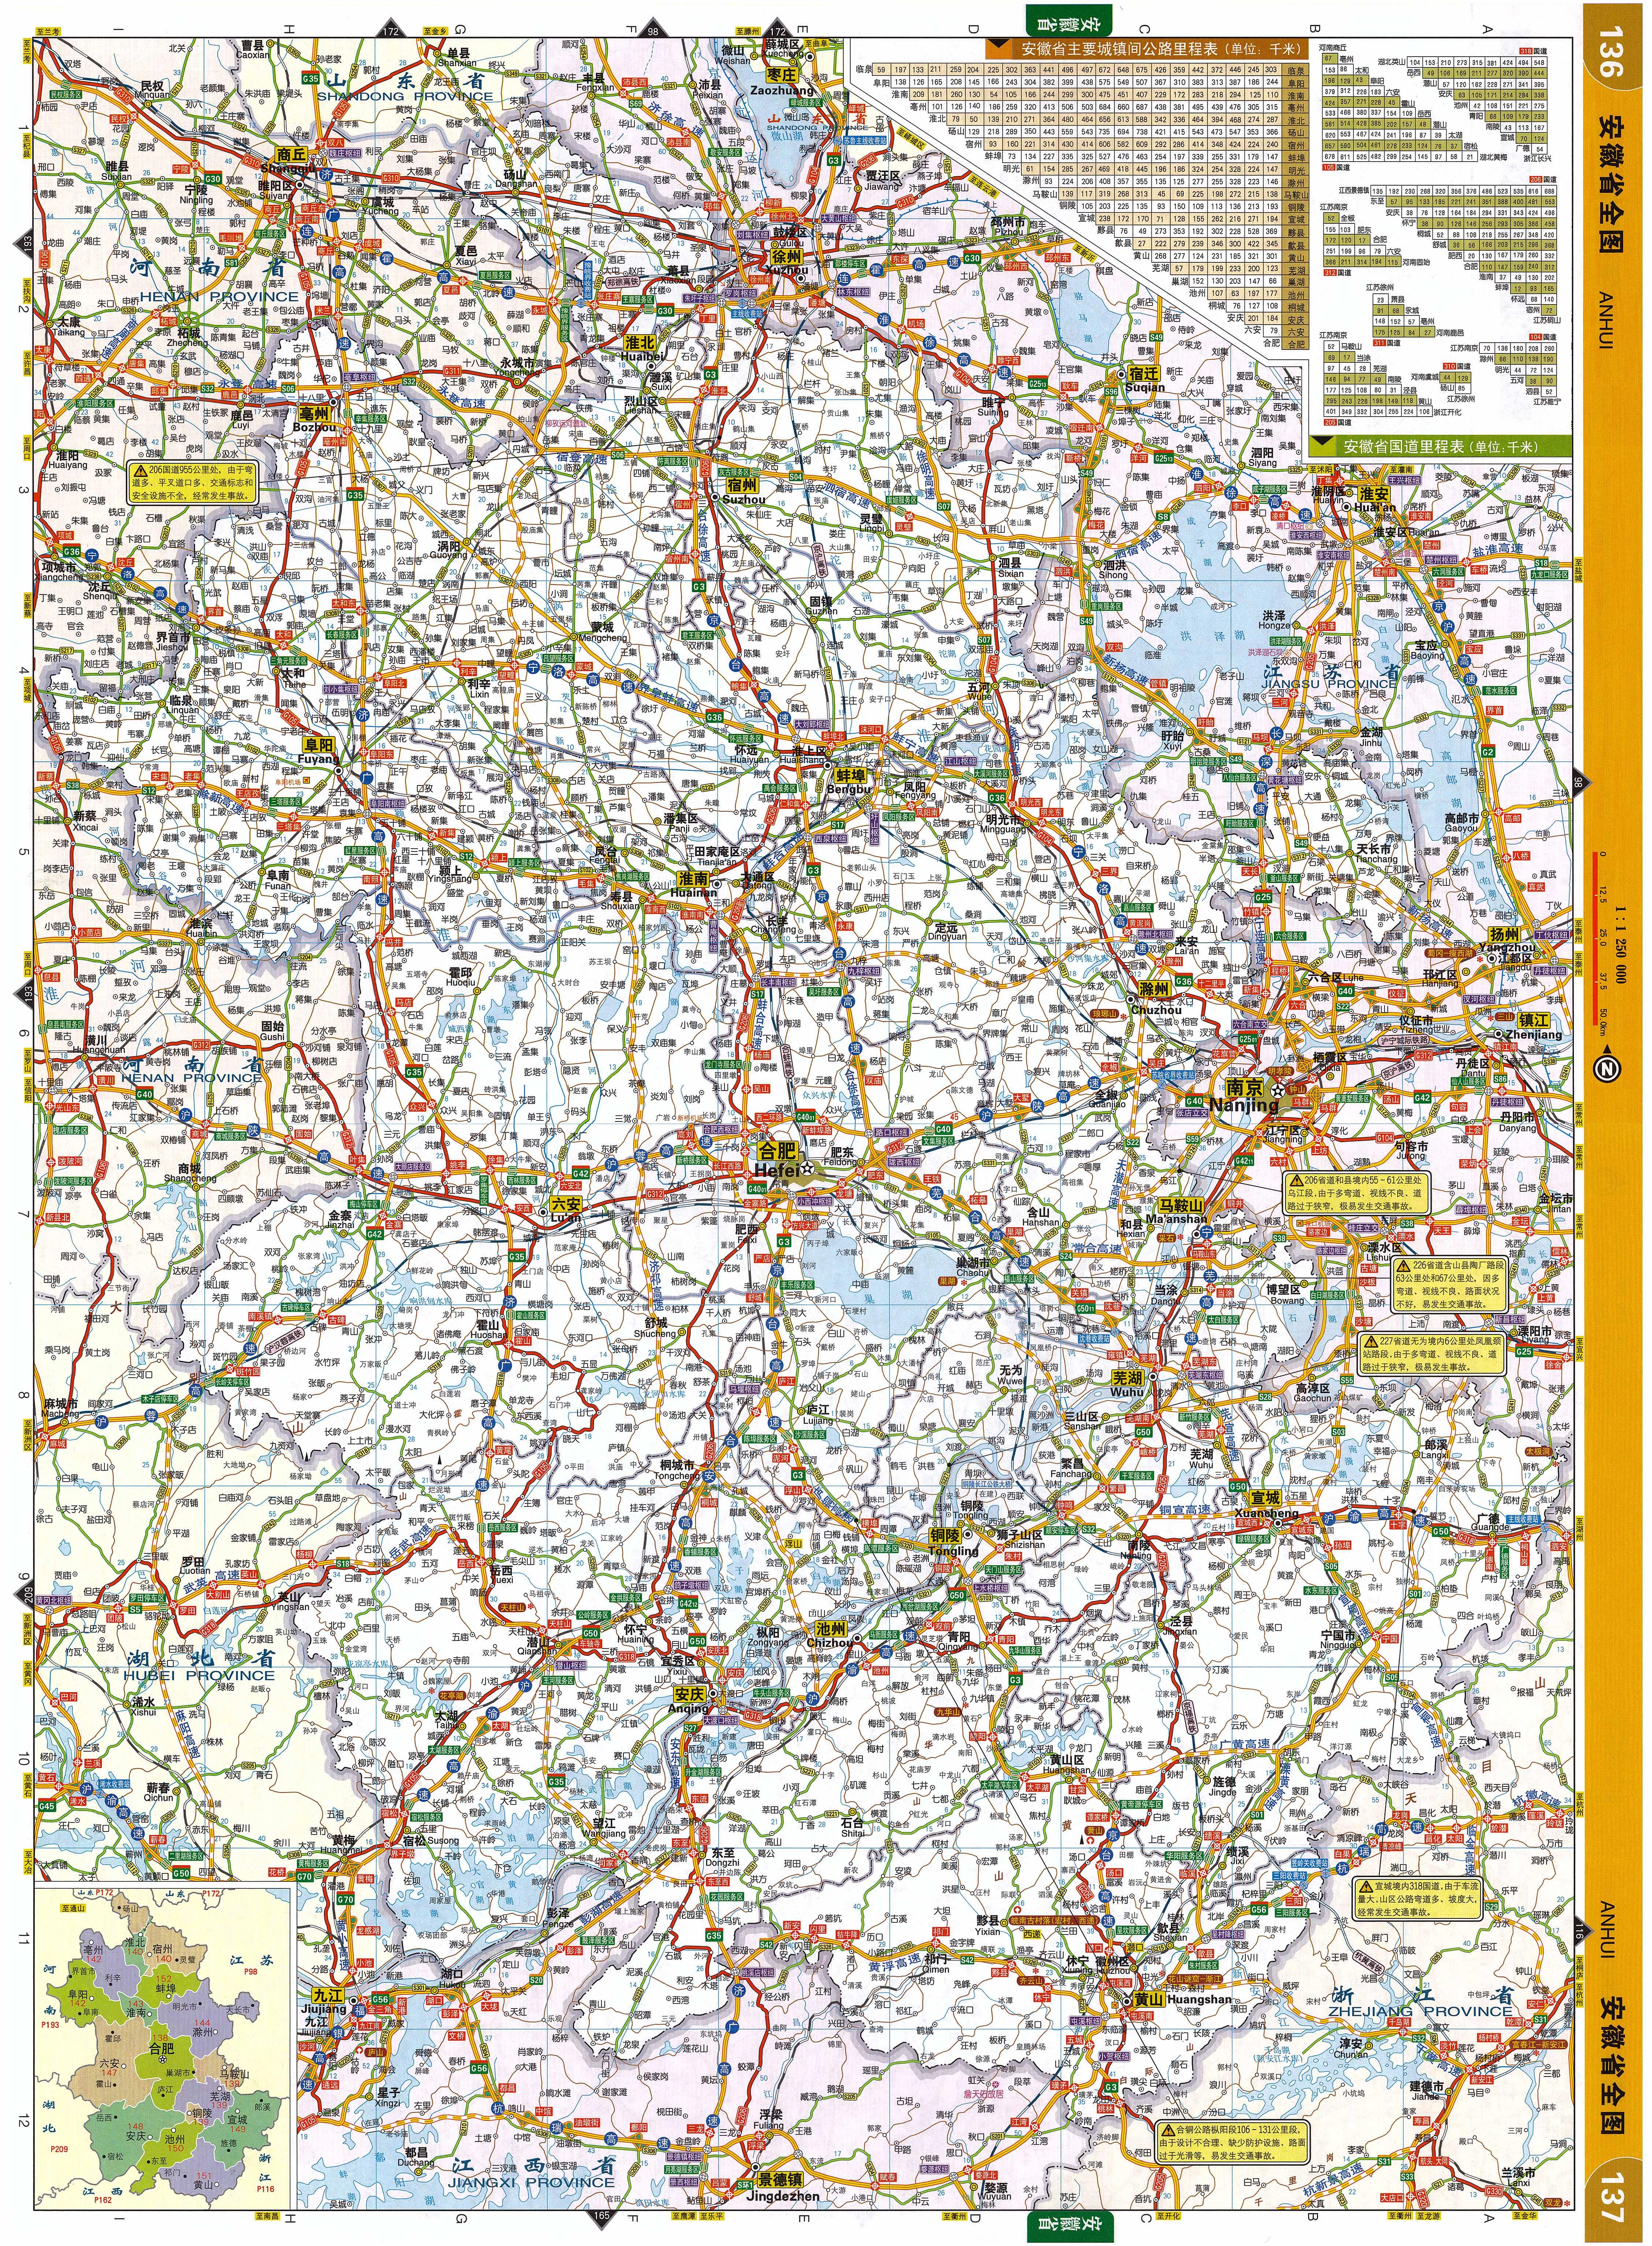 安徽省交通地图全图高清版